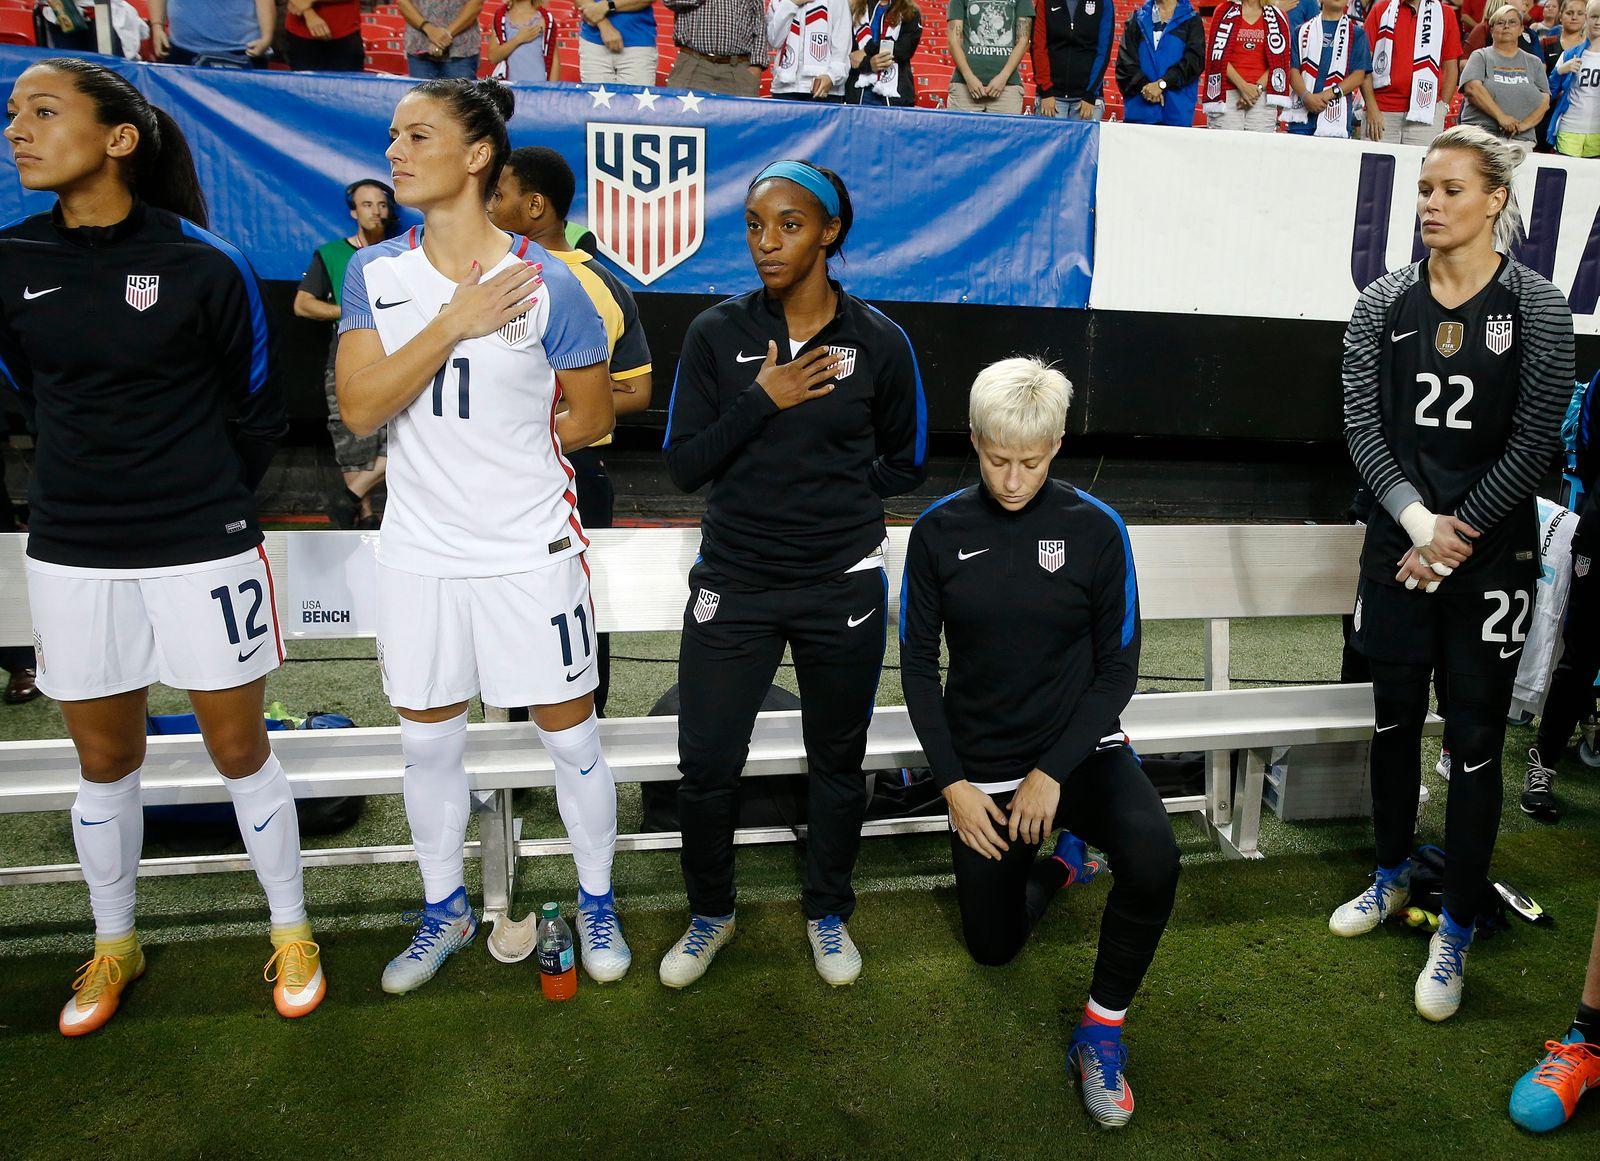 Kniefall-Verbot: US-Fußballerinnen fordern Rücknahme vom Verband